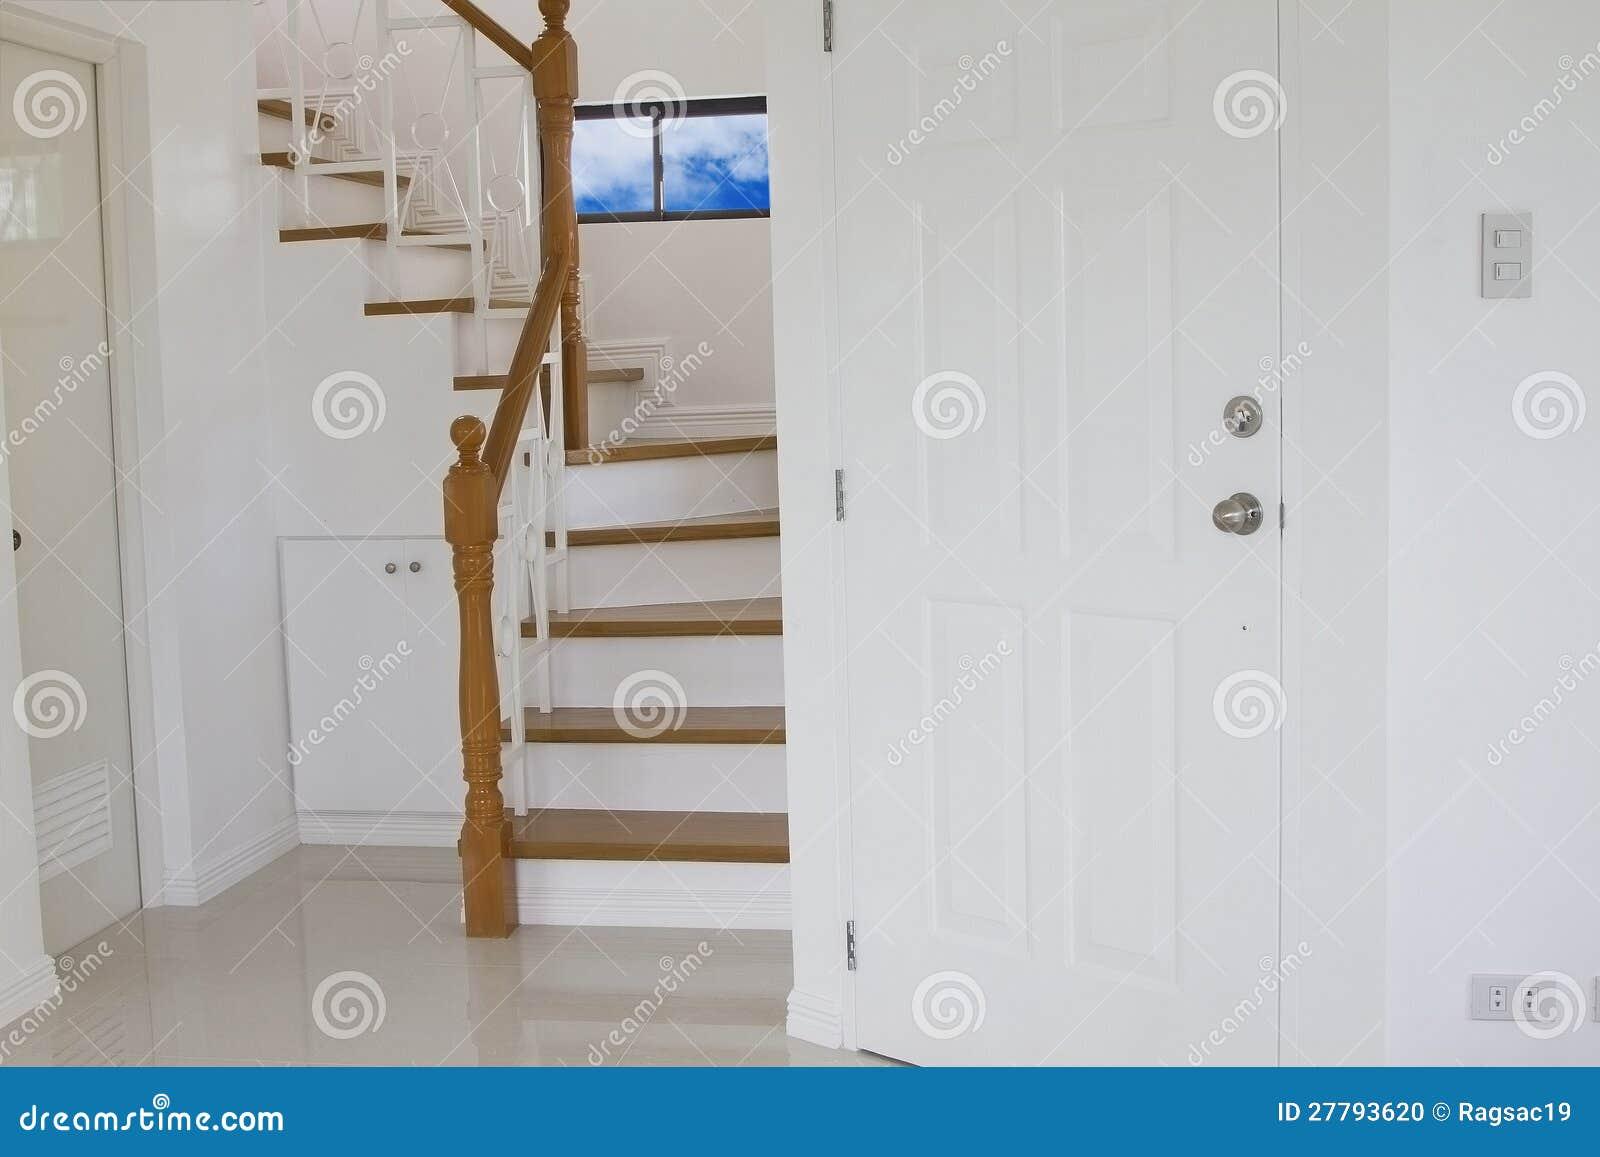 Escaleras de madera interiores foto de archivo imagen - Escaleras interiores de madera ...